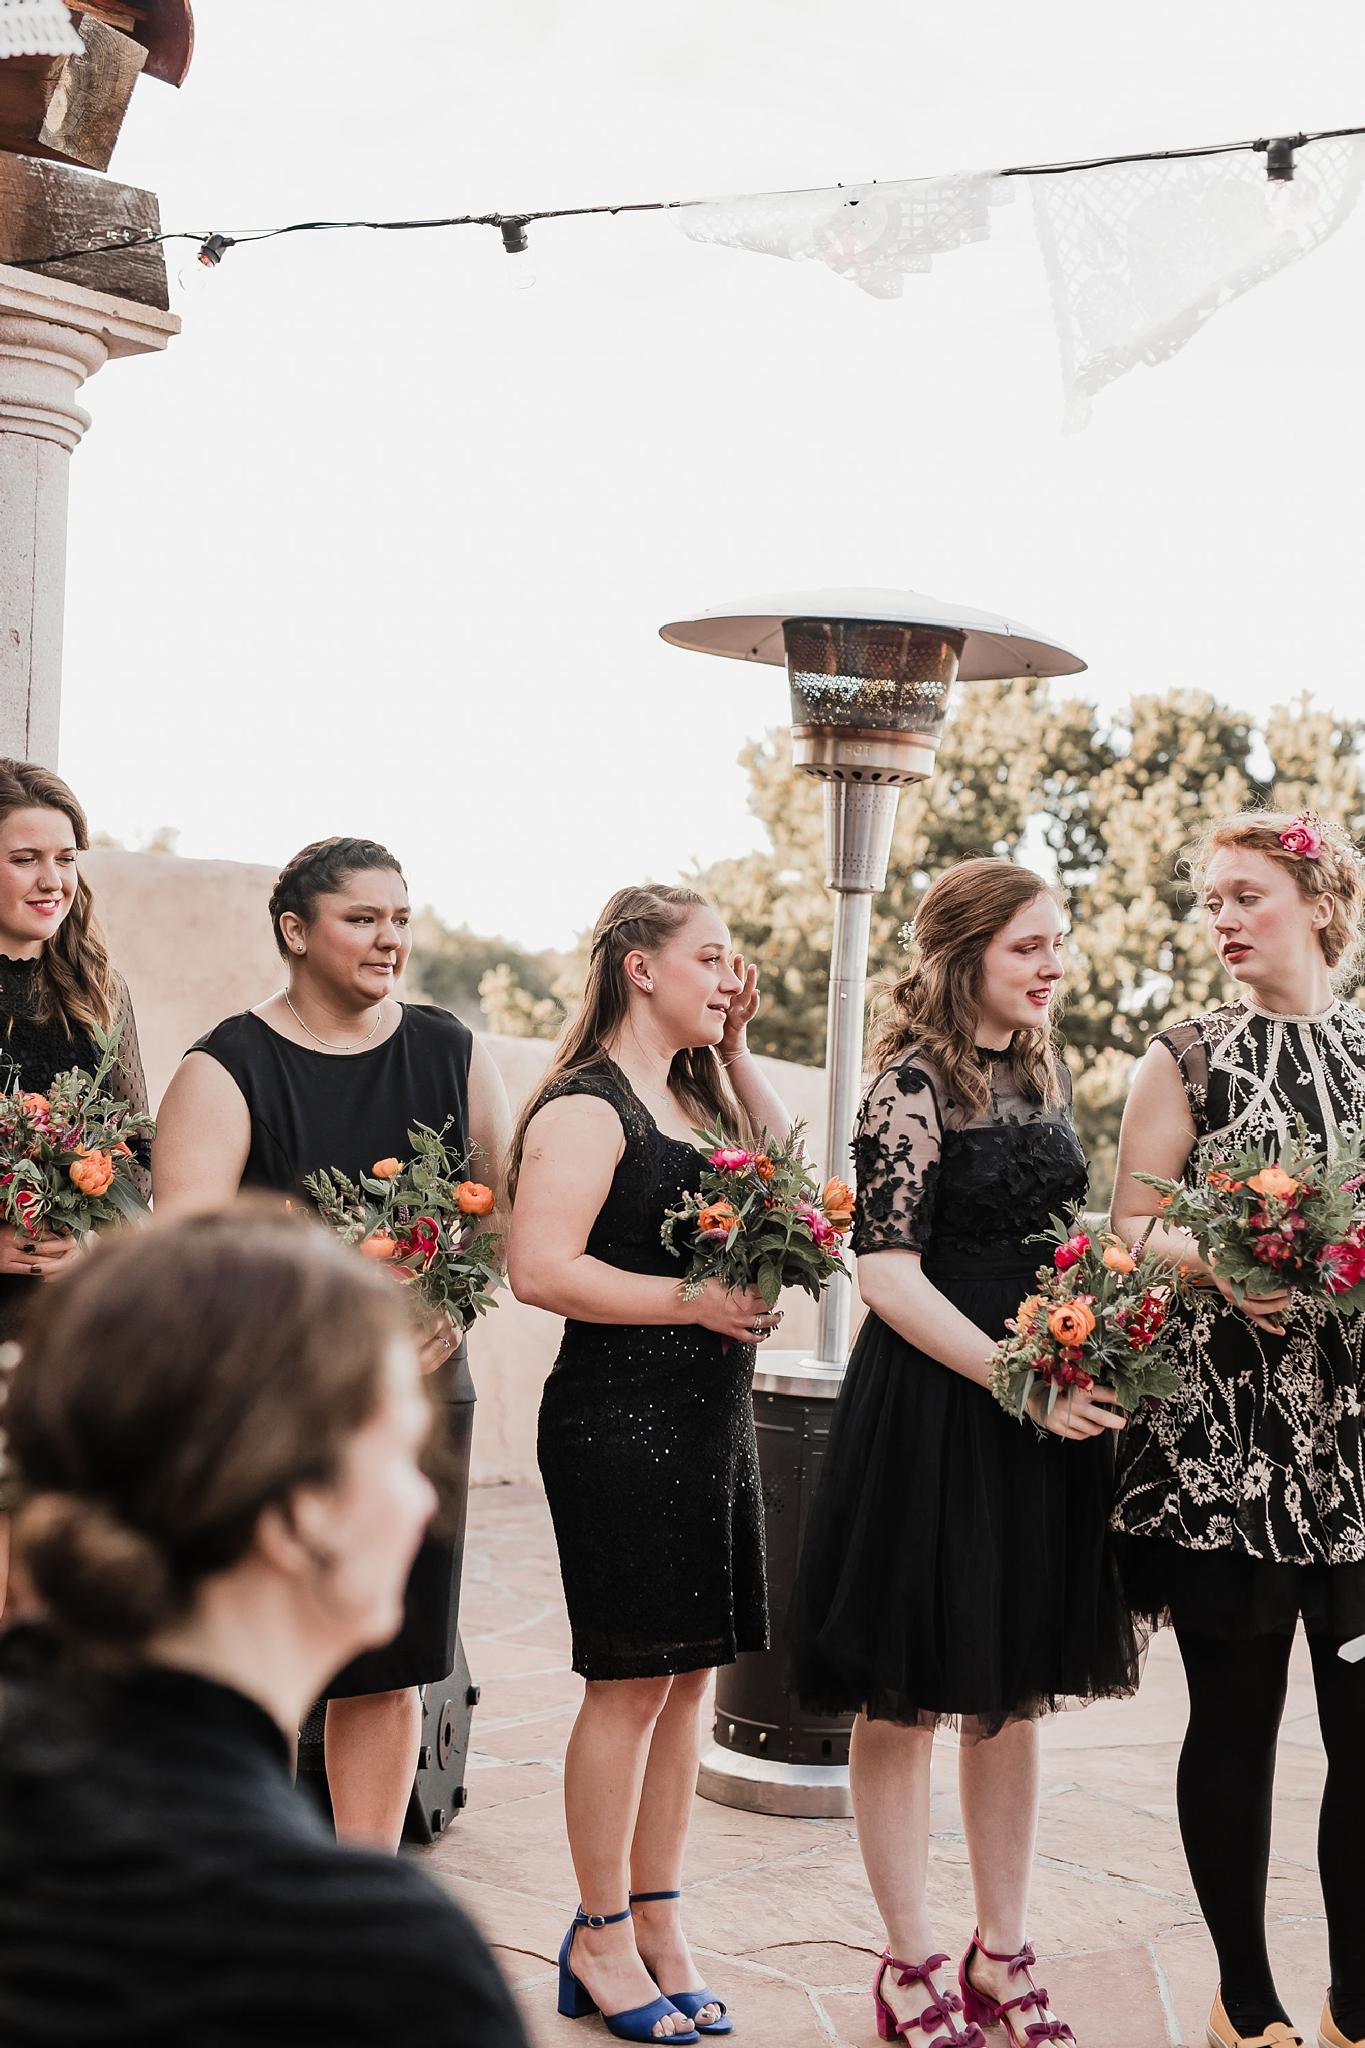 Alicia+lucia+photography+-+albuquerque+wedding+photographer+-+santa+fe+wedding+photography+-+new+mexico+wedding+photographer+-+new+mexico+wedding+-+wedding+vows+-+writing+your+own+vows+-+wedding+inspo_0034.jpg